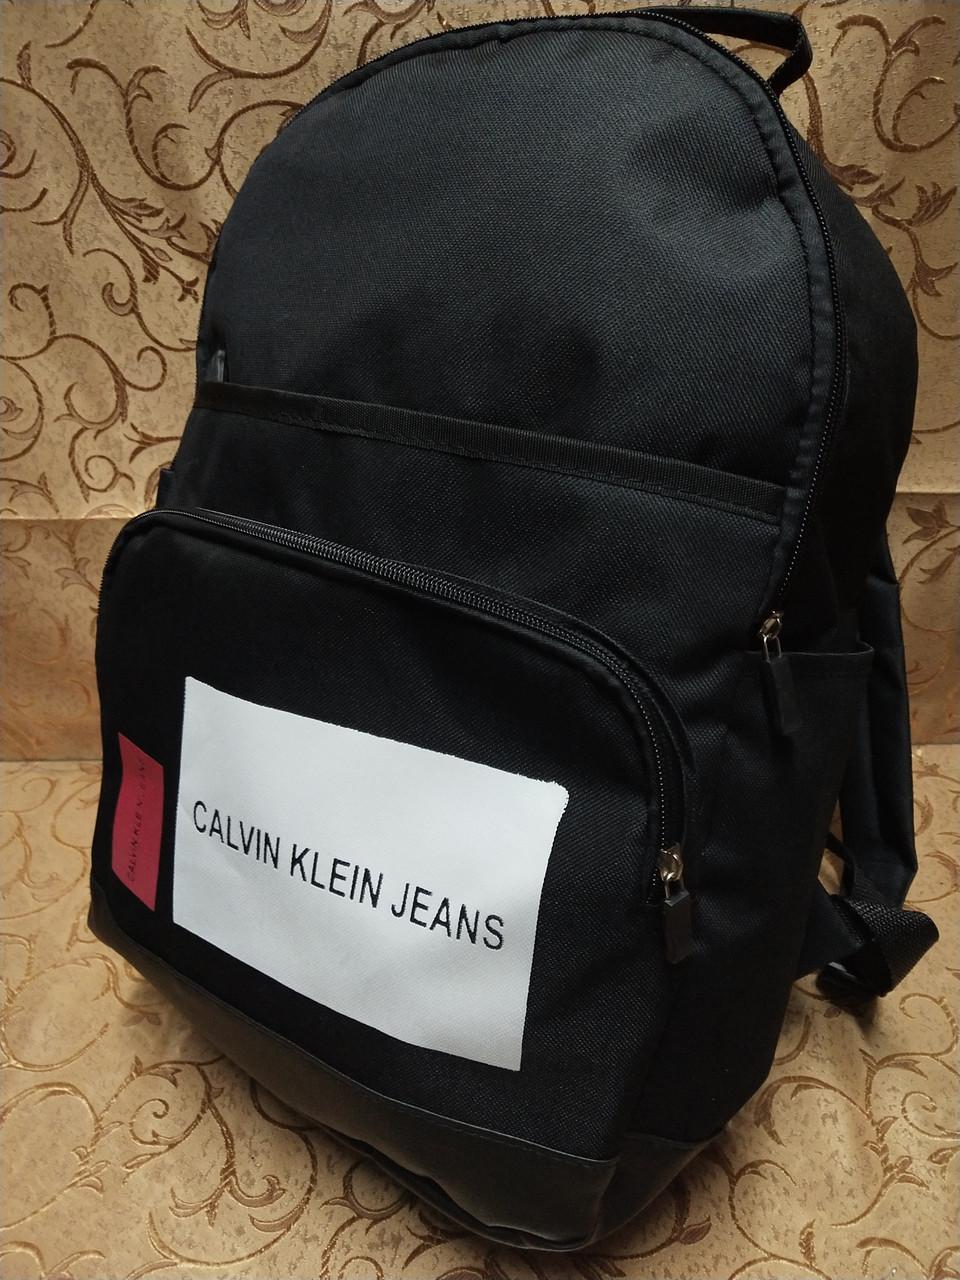 Рюкзак calvin klein jeans с кожаным дном Унисекс Спортивный городской стильный только рюкзаки оптом